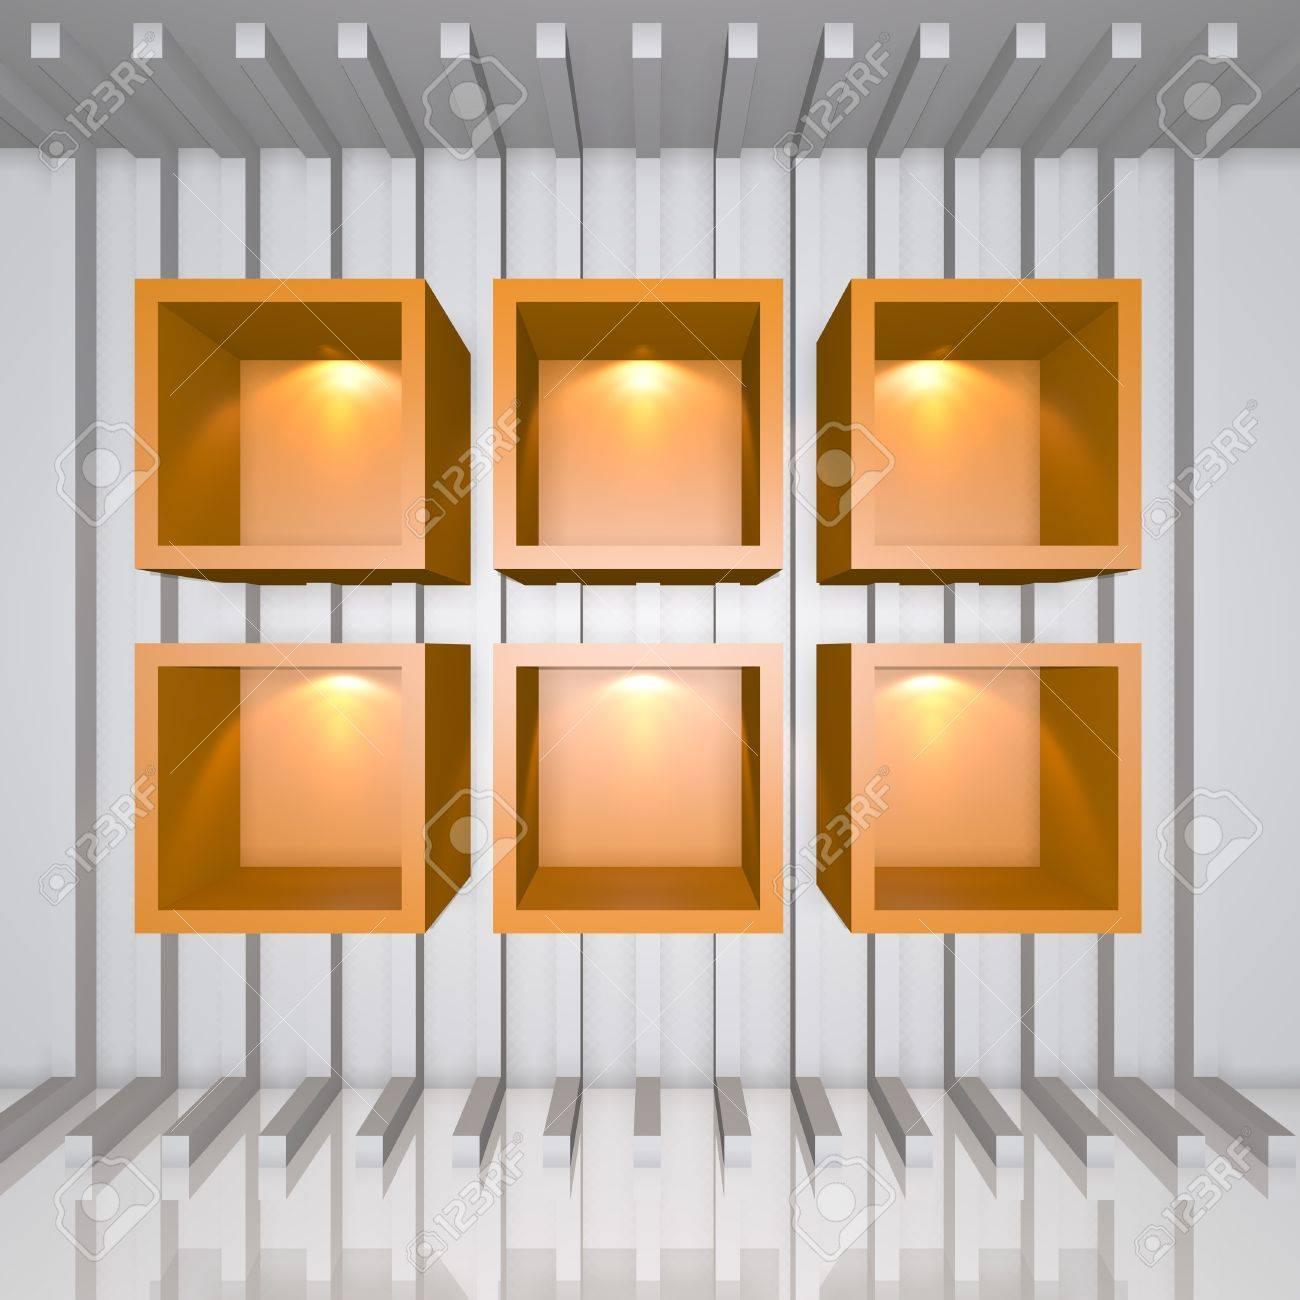 Tablettes 3D orange et le plateau pour la publicité écharpe sur une ligne  blanche décorer mur dans la chambre